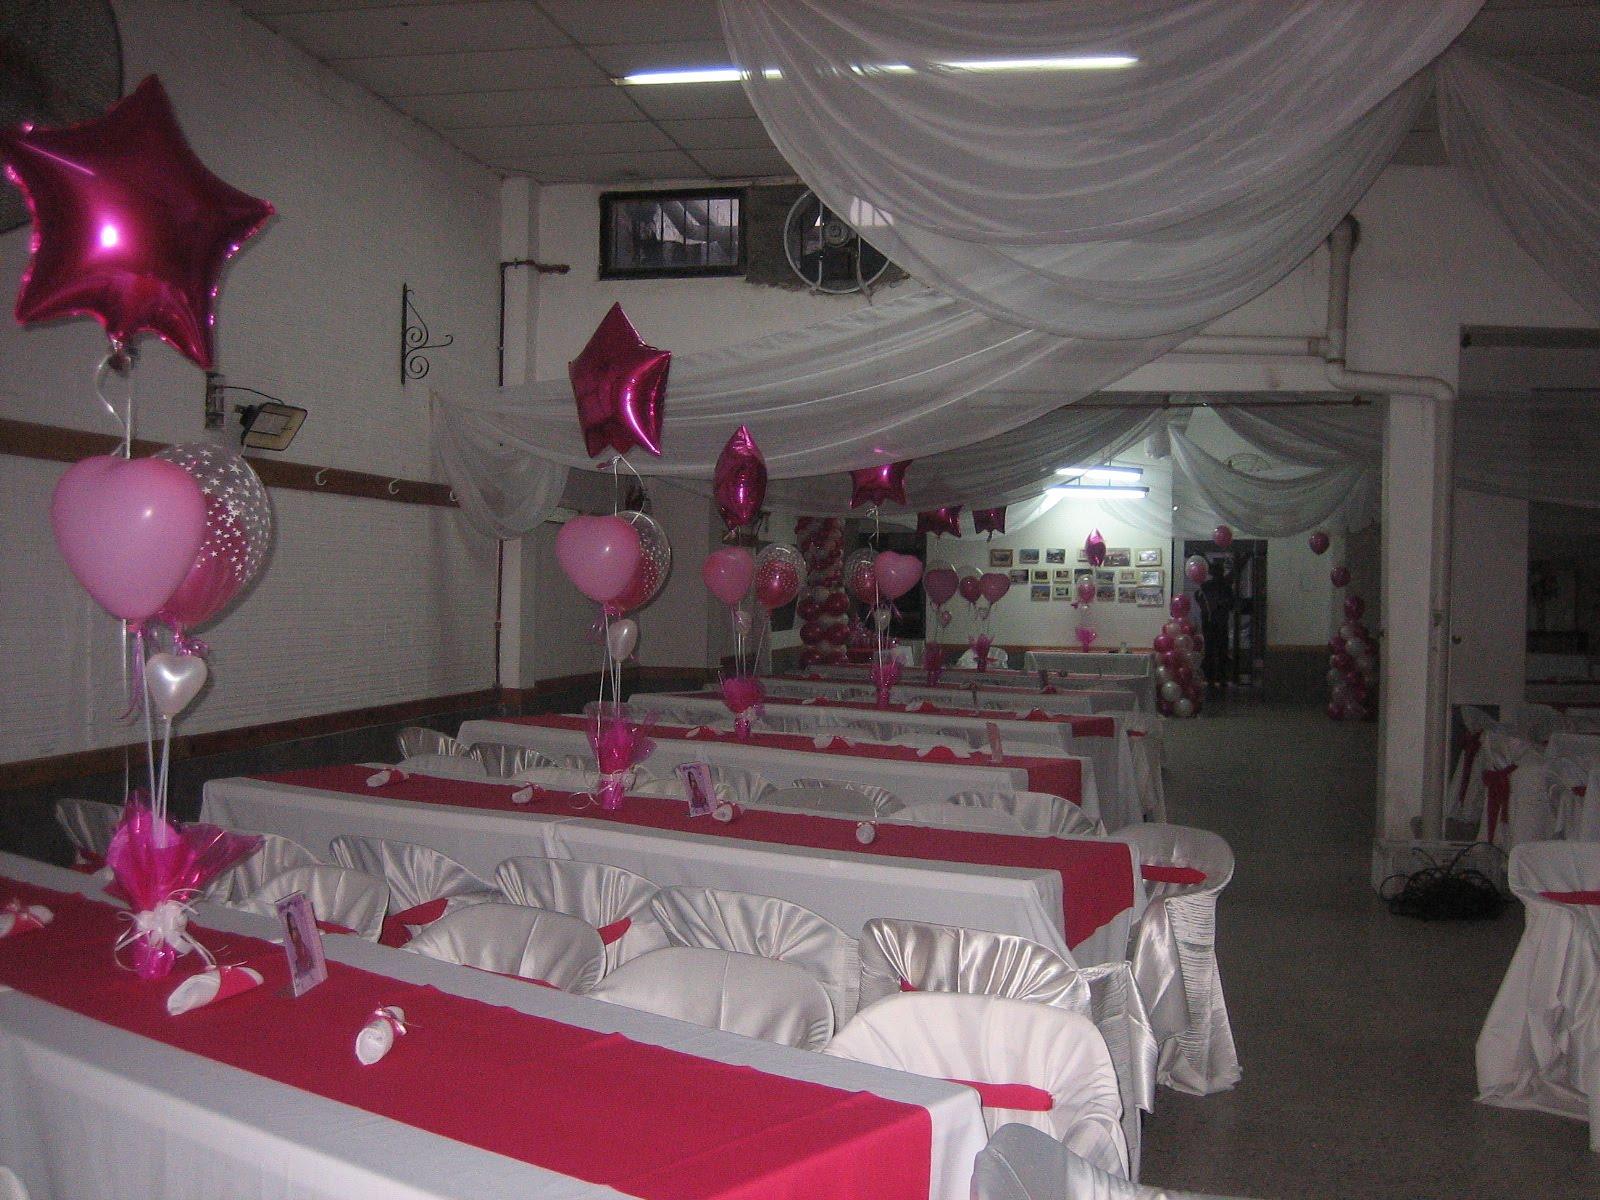 Estilo globo centros de mesa con globos - Centros de mesa con globos ...